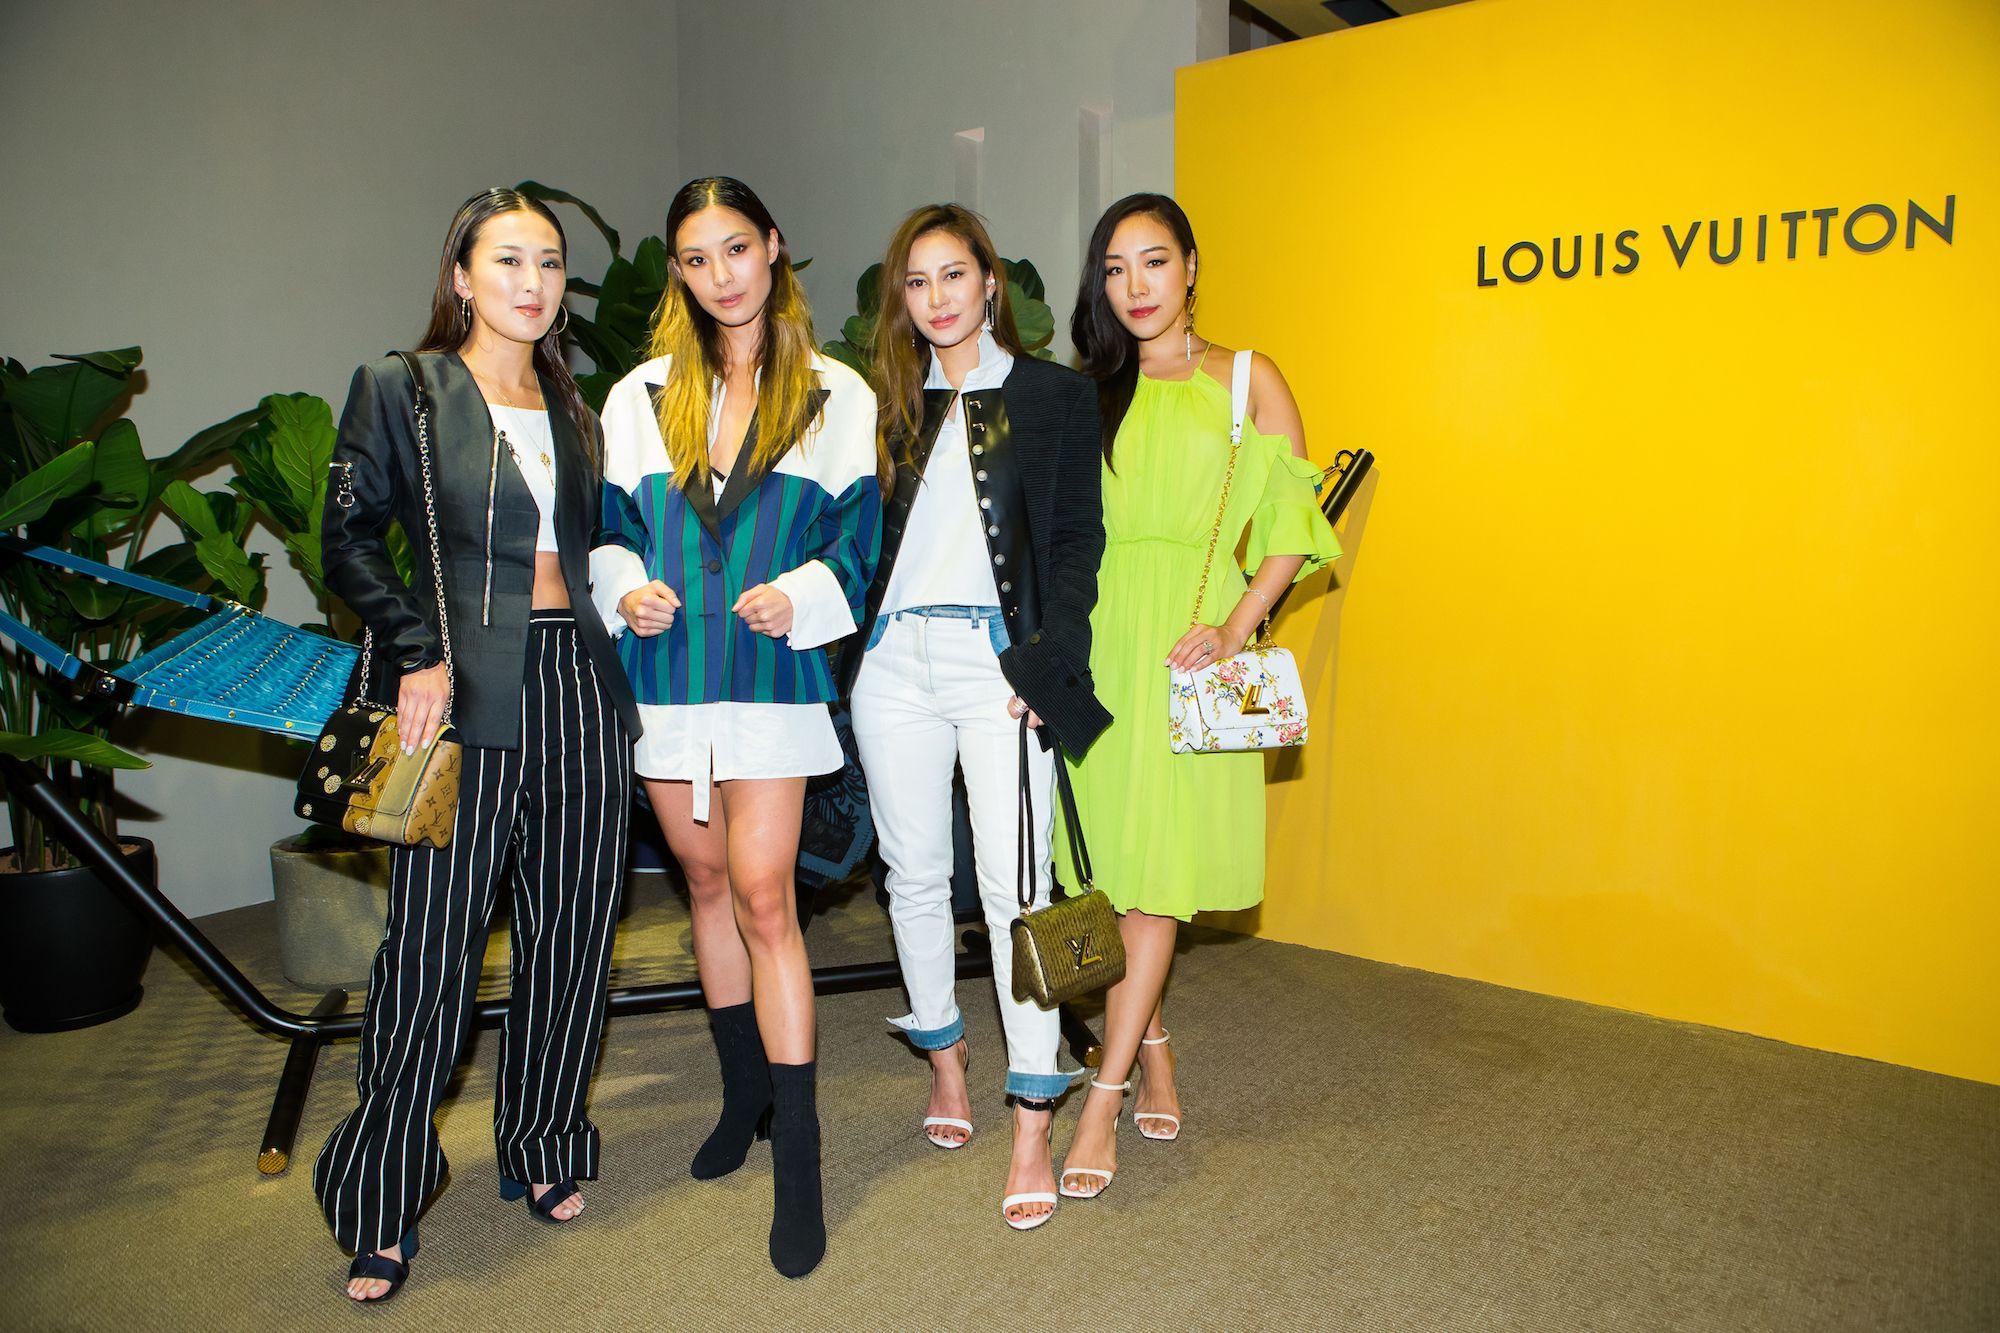 Antonia Li, Alison Chan-El Azar, Eleanor Lam, Feiping Chang